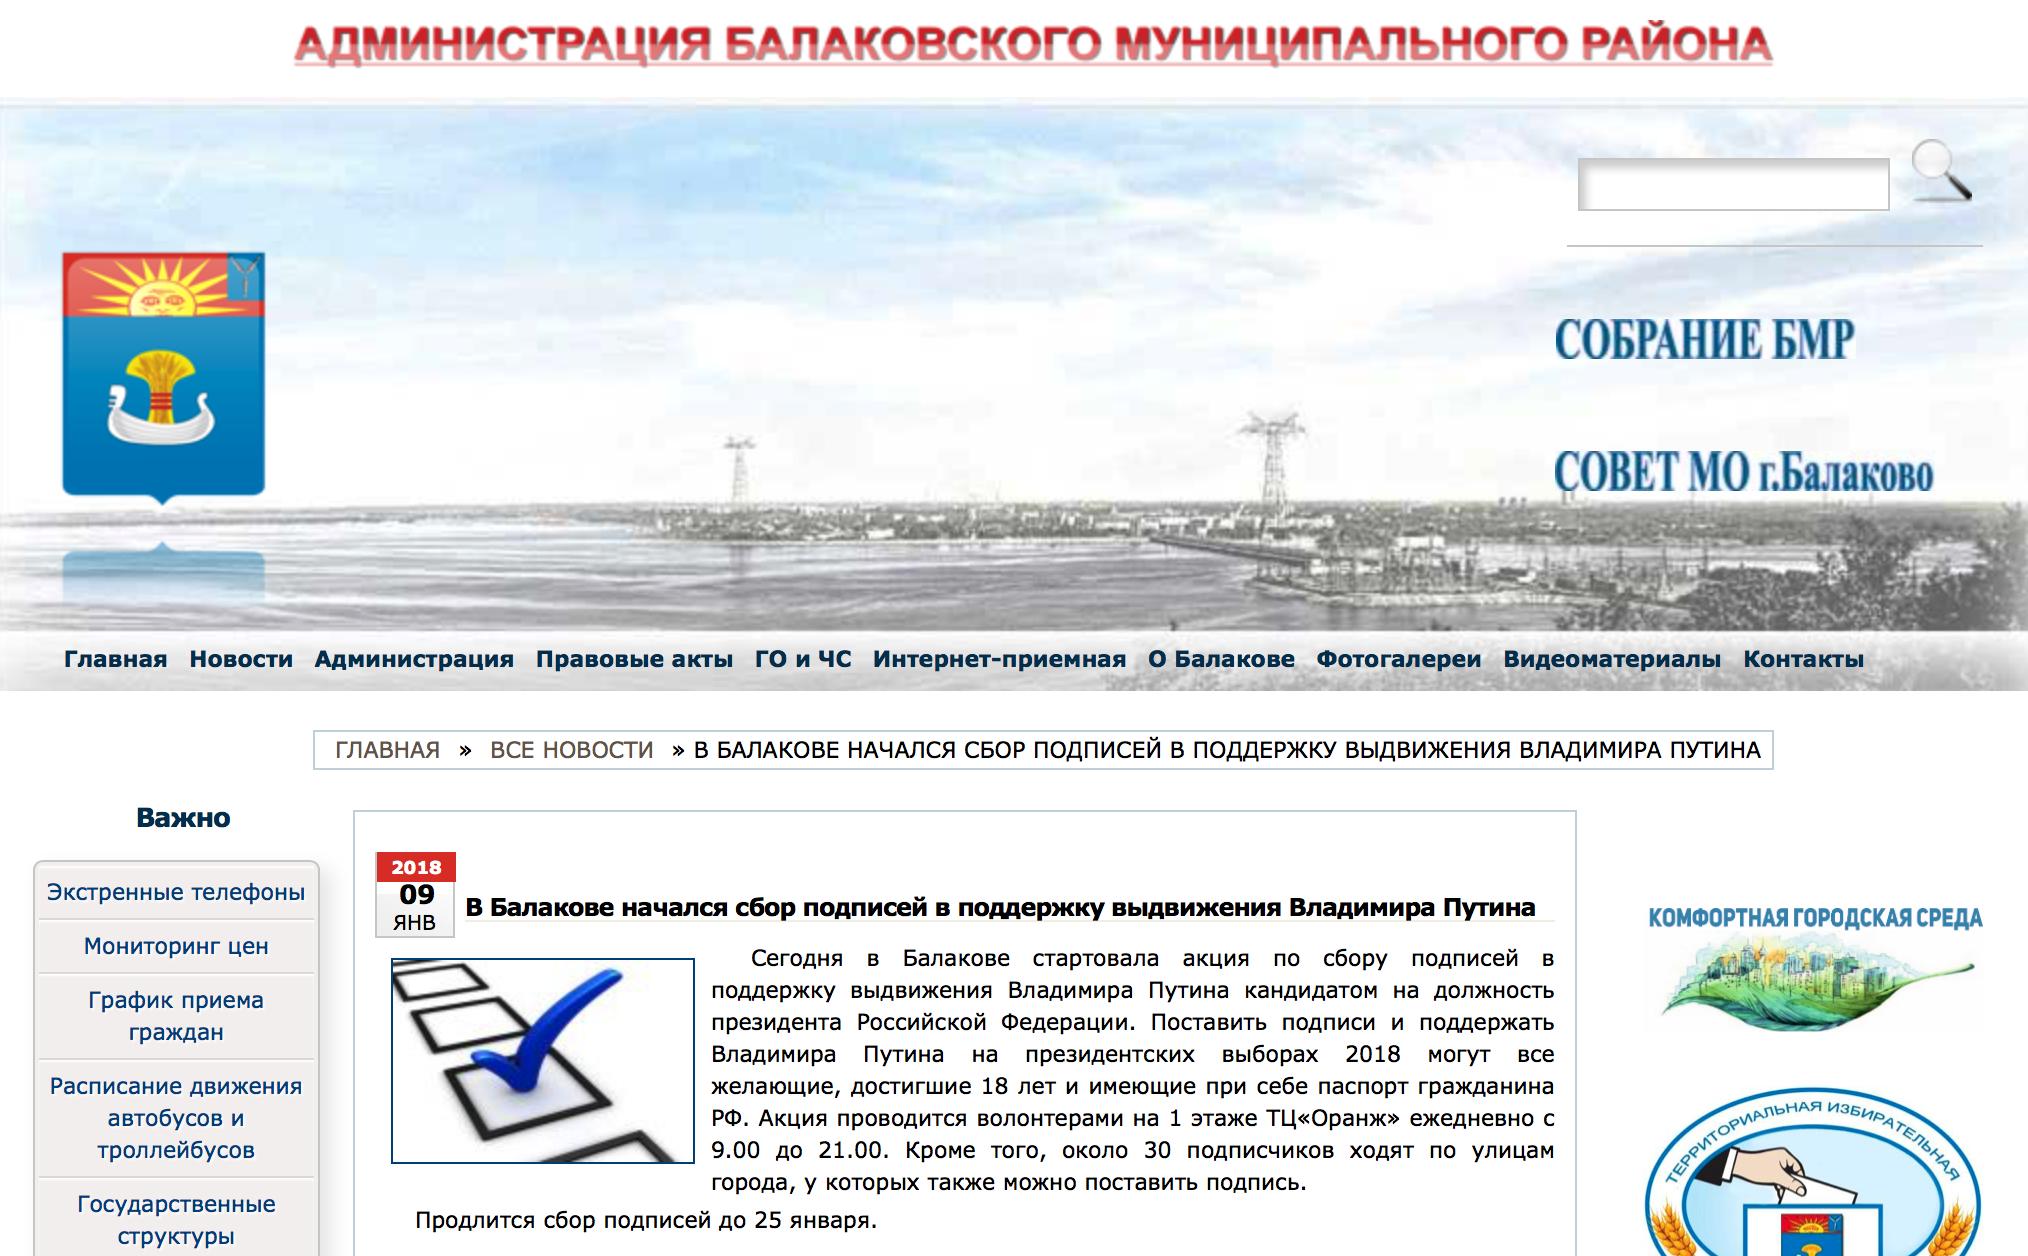 Власти Балаковского района Саратовской области пригласили местных жителей оставить подпись за кандидата Путина; сообщение удалили